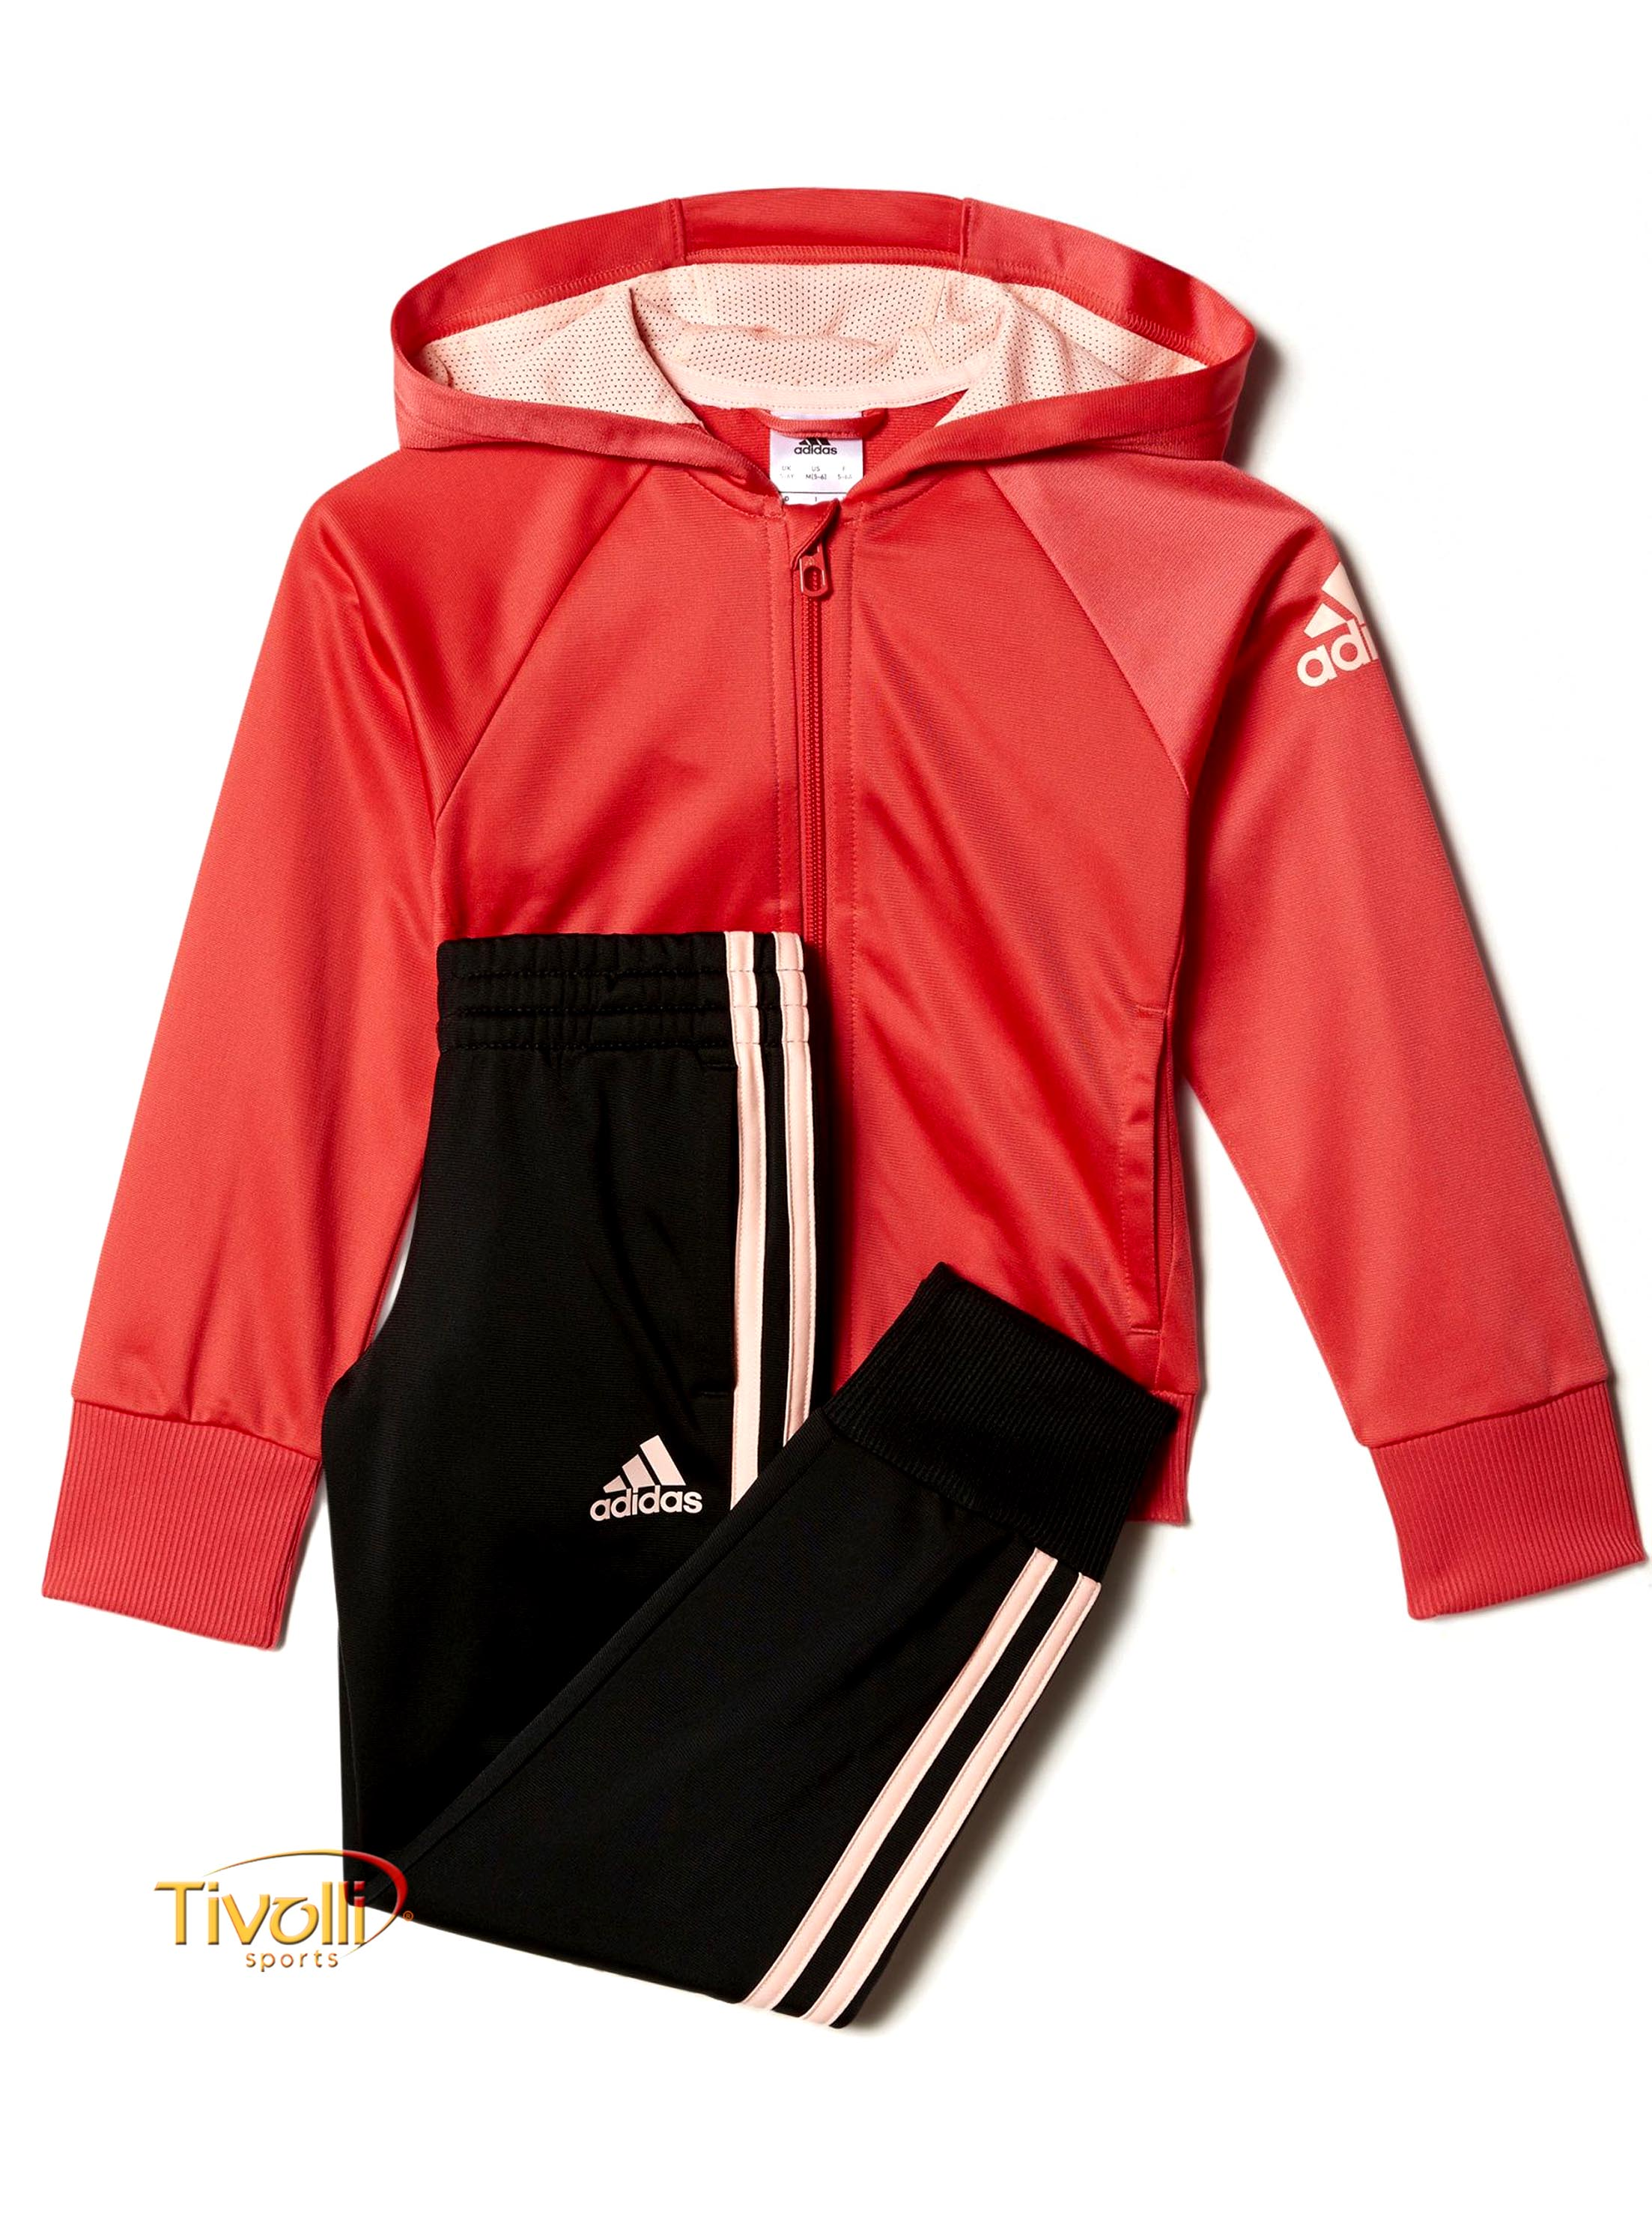 5ef35e0ac Agasalho Infantil Adidas Yb Ts Entry Ch Masculino Marinho comprar agasalho  adidas infantil